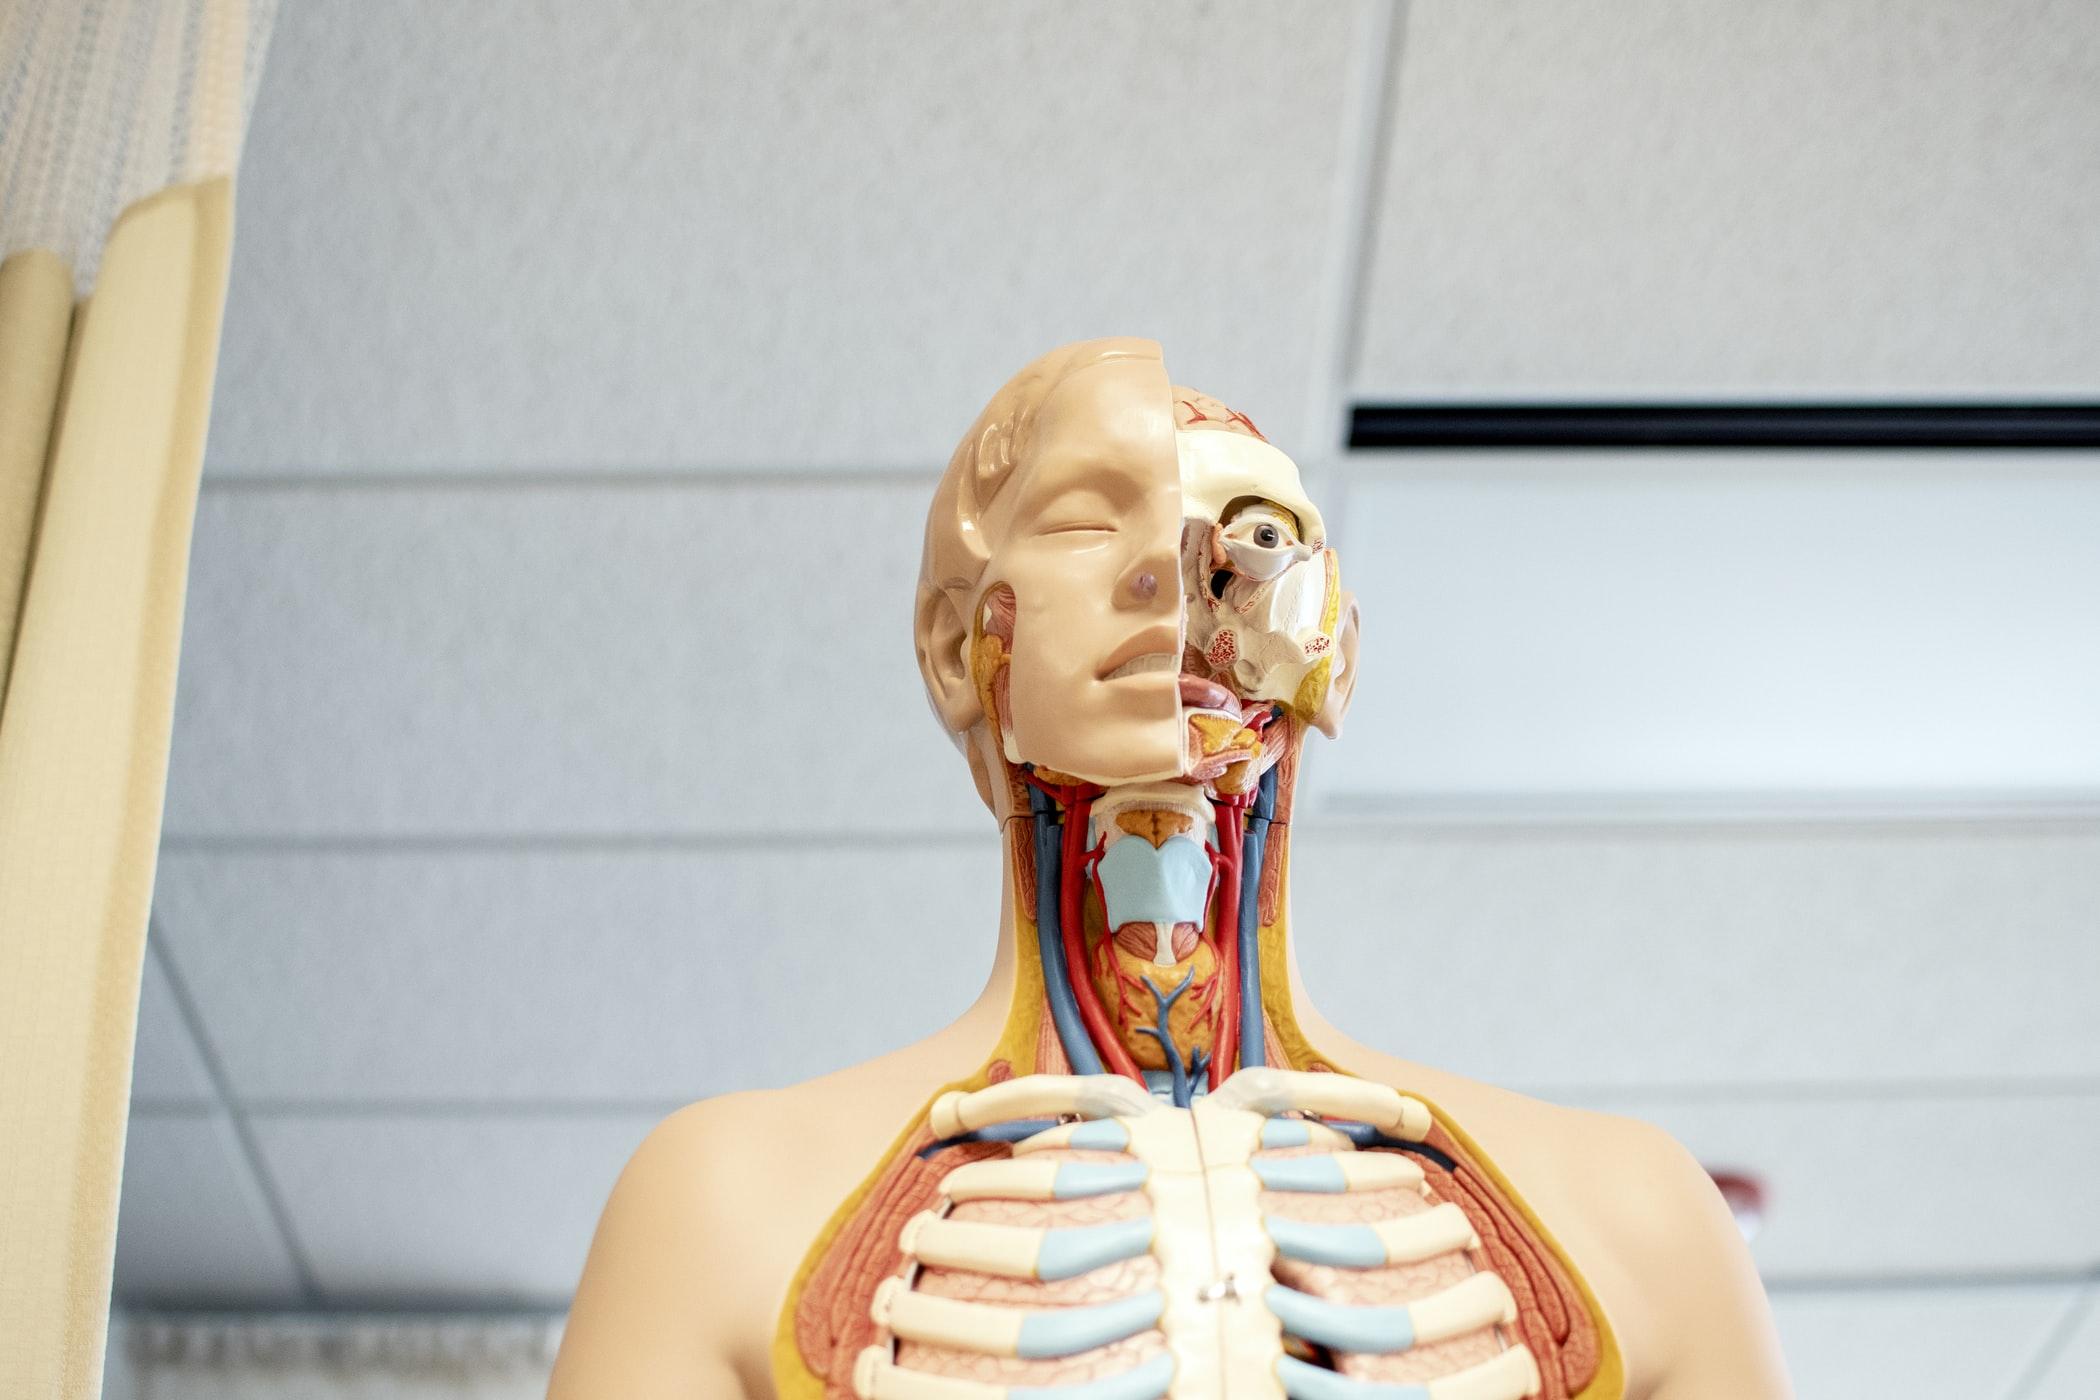 A medical mannequin